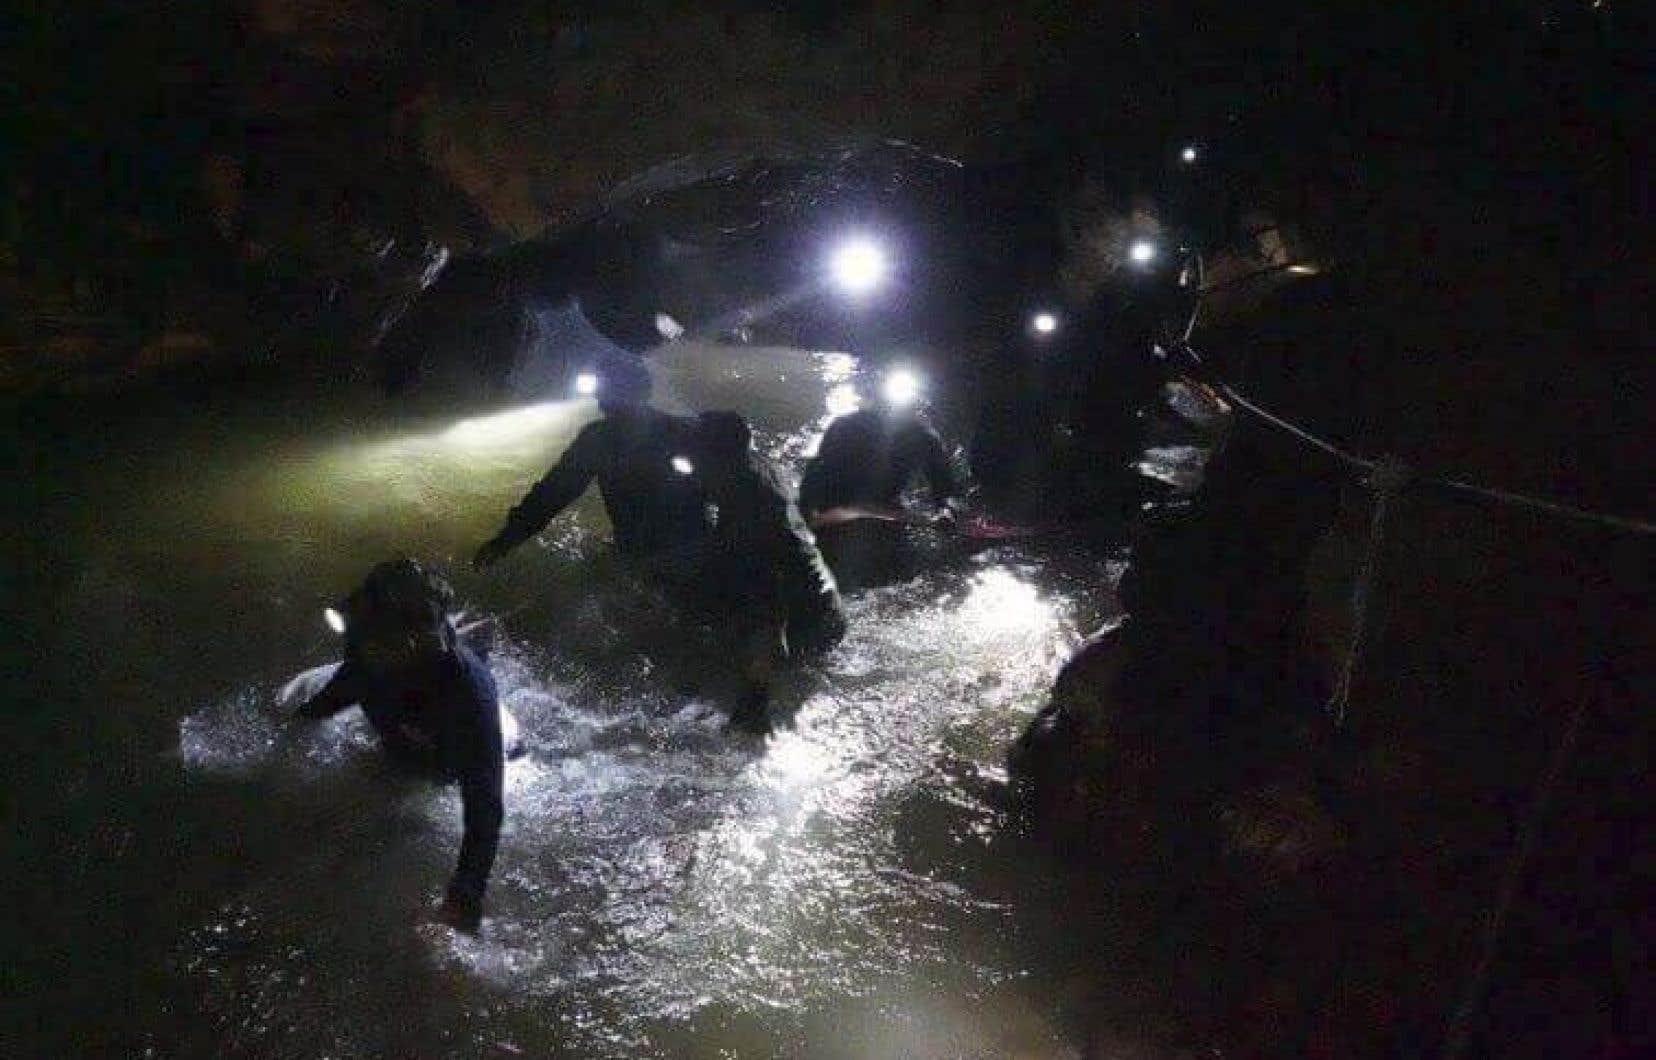 L'opération de sauvetage a fait un premier mort vendredi, lorsqu'un ancien militaire thaïlandais a manqué d'air et perdu connaissance sous l'eau.